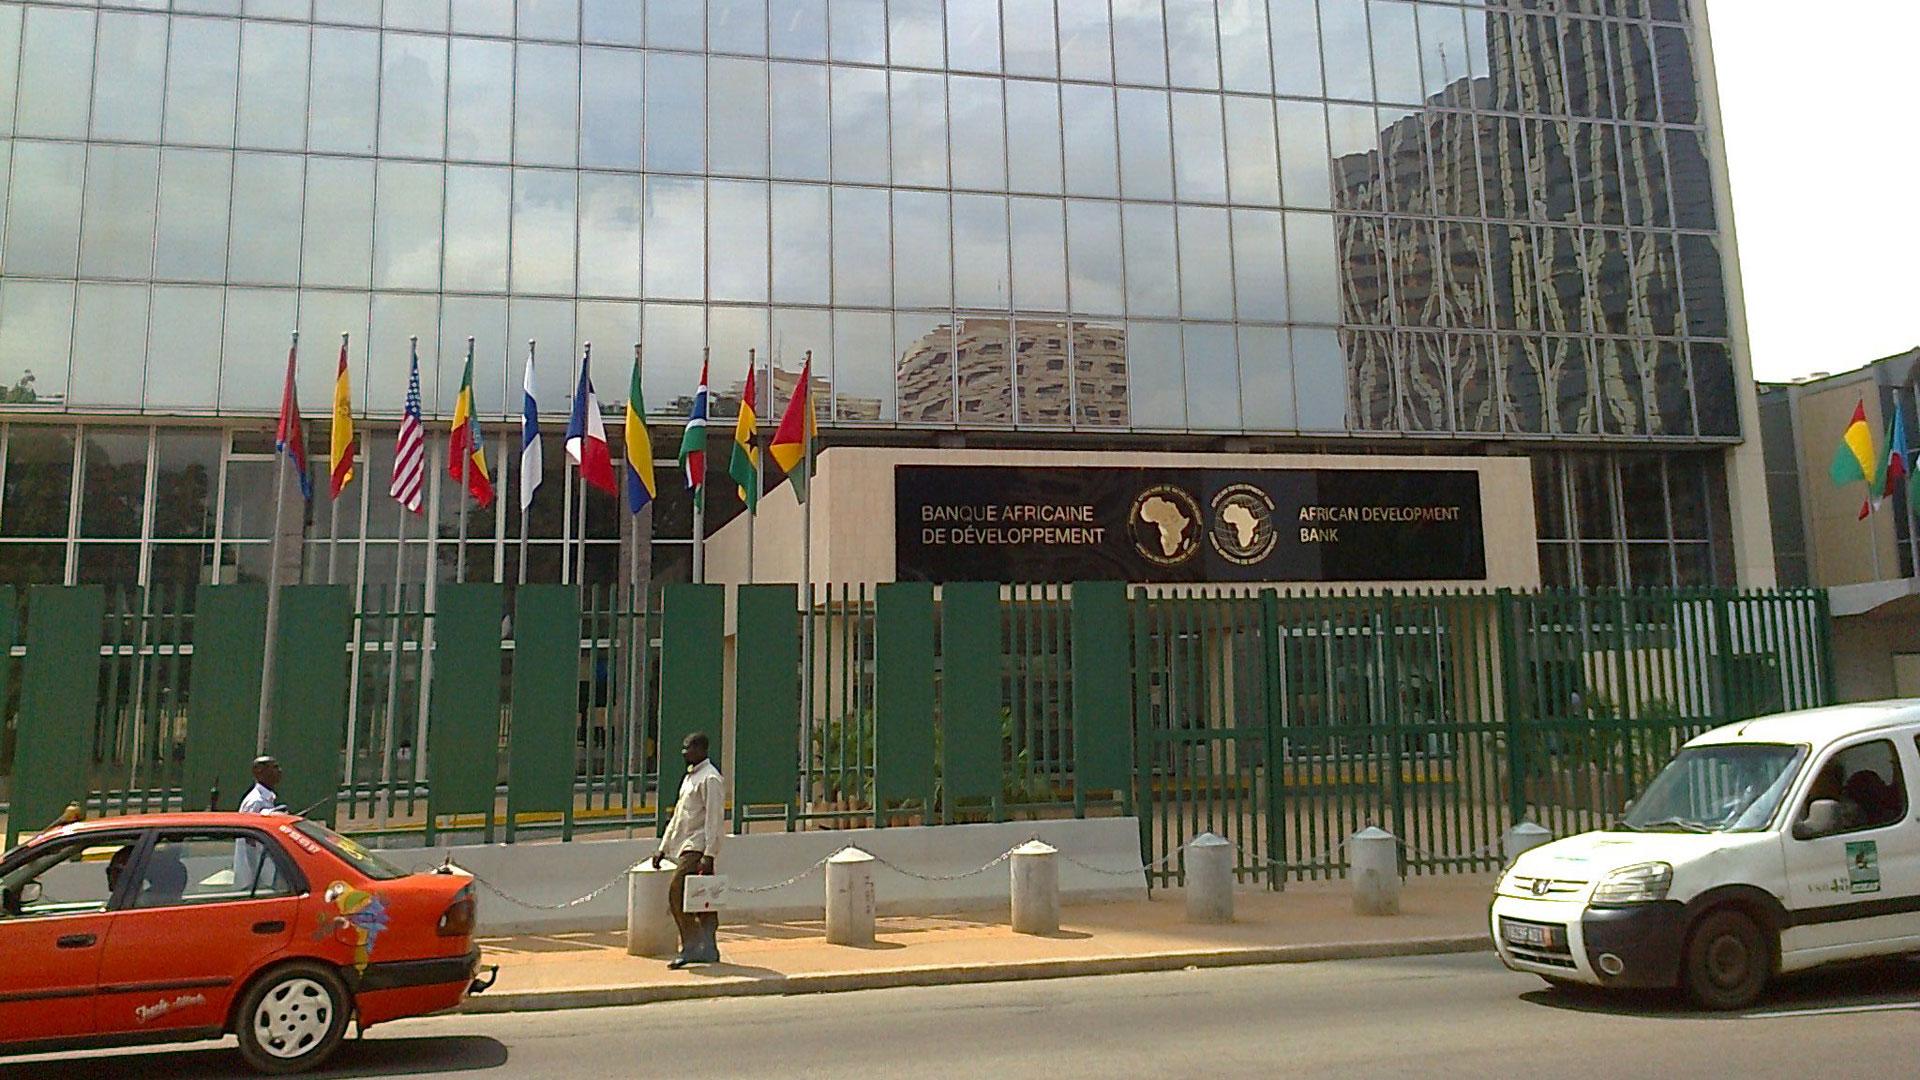 BAD - Banque africaine développement